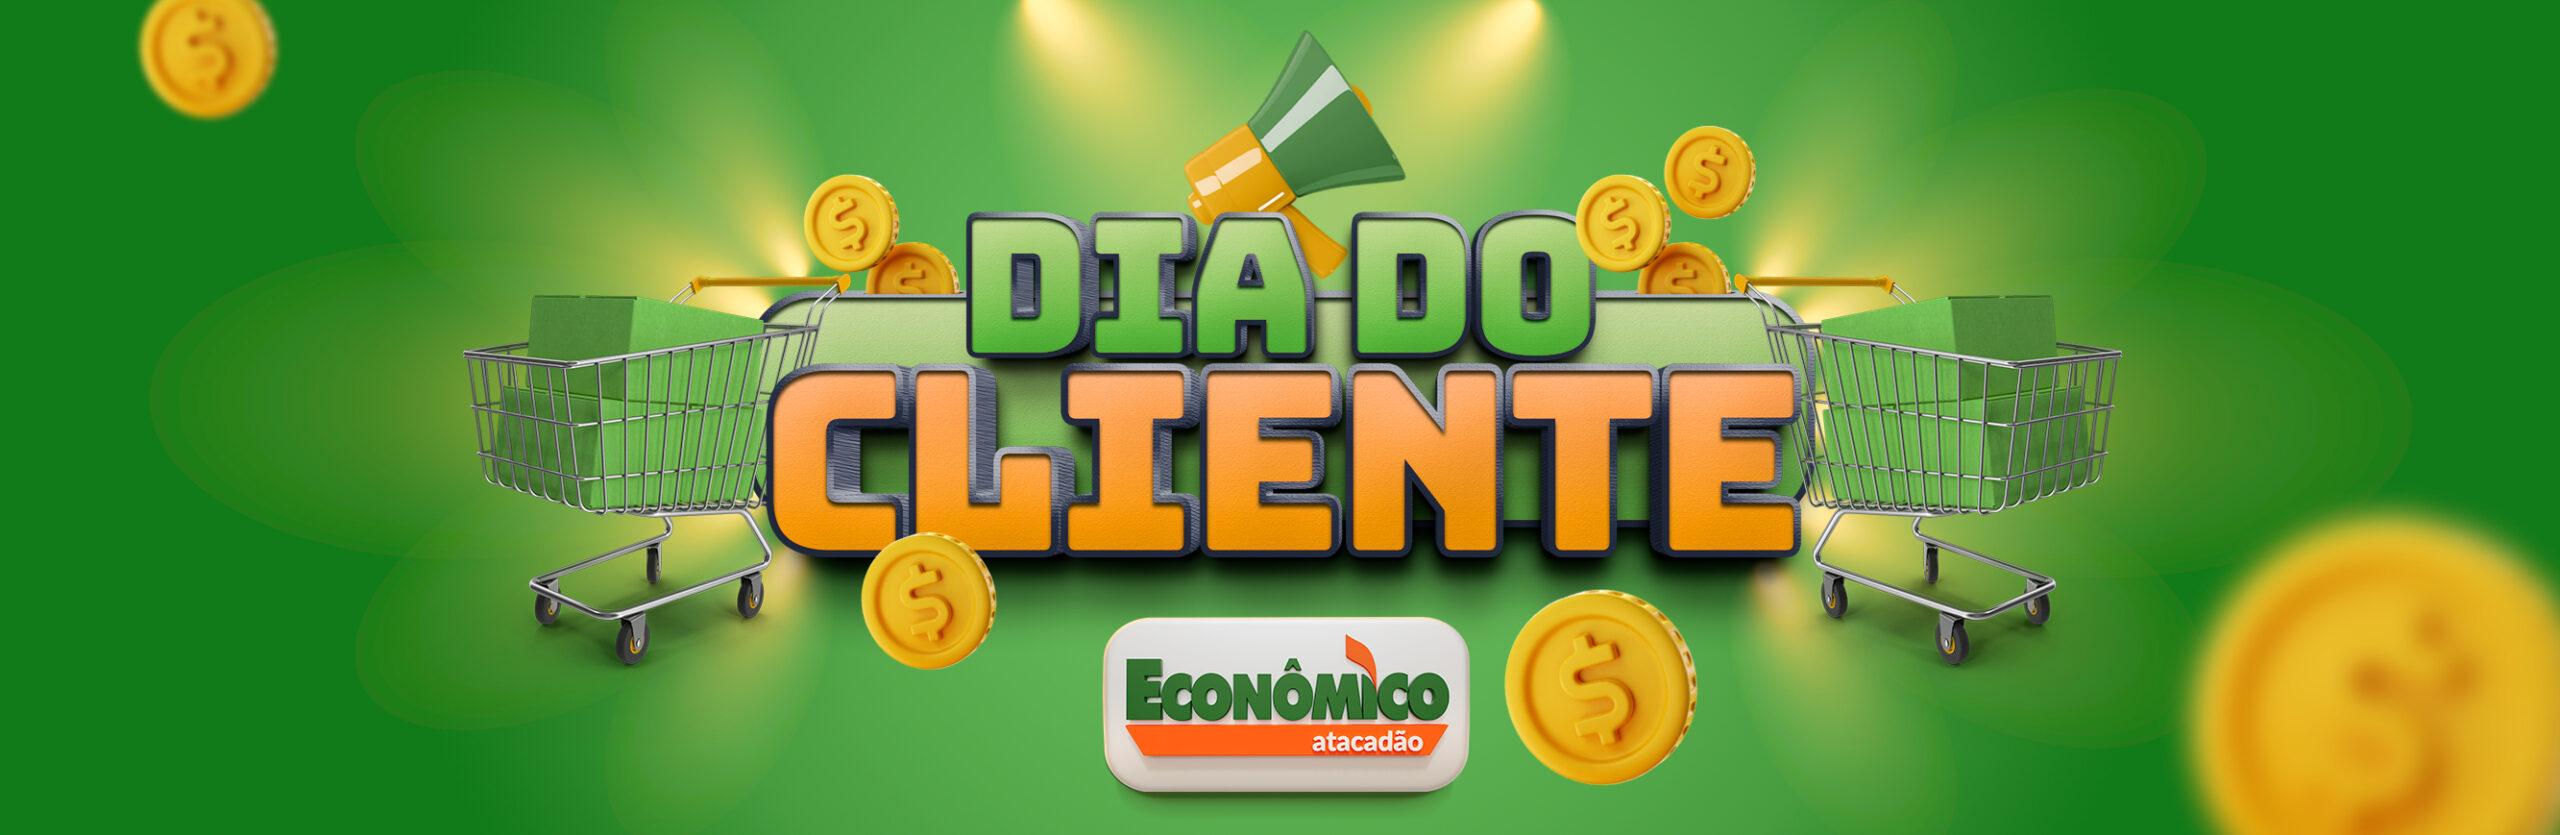 Dia do Cliente Econômico Guarulhos